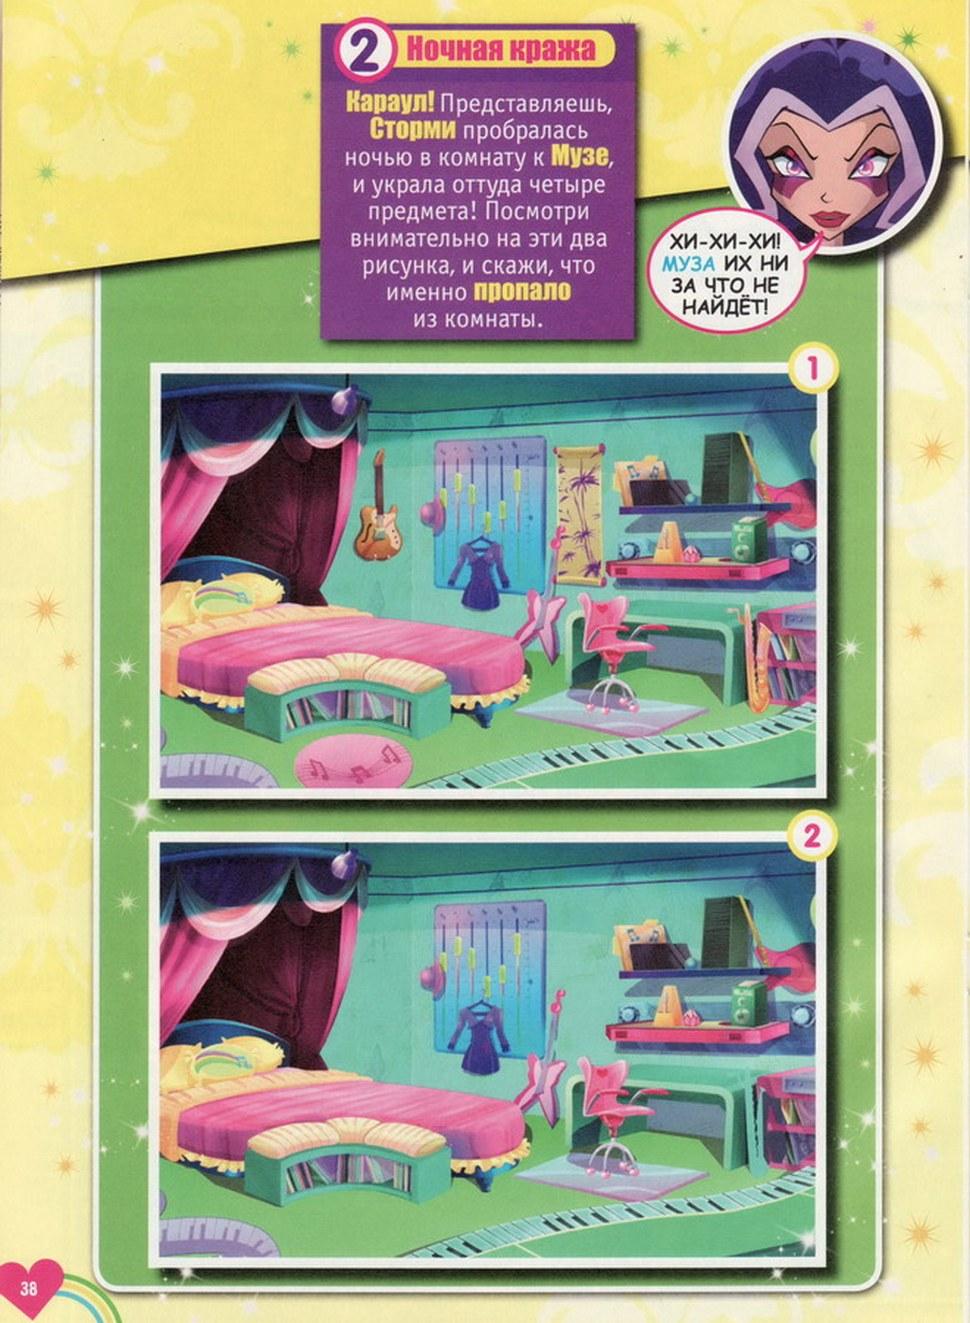 Комикс Винкс Winx - Волшебная долина (Журнал Винкс №01 2014)